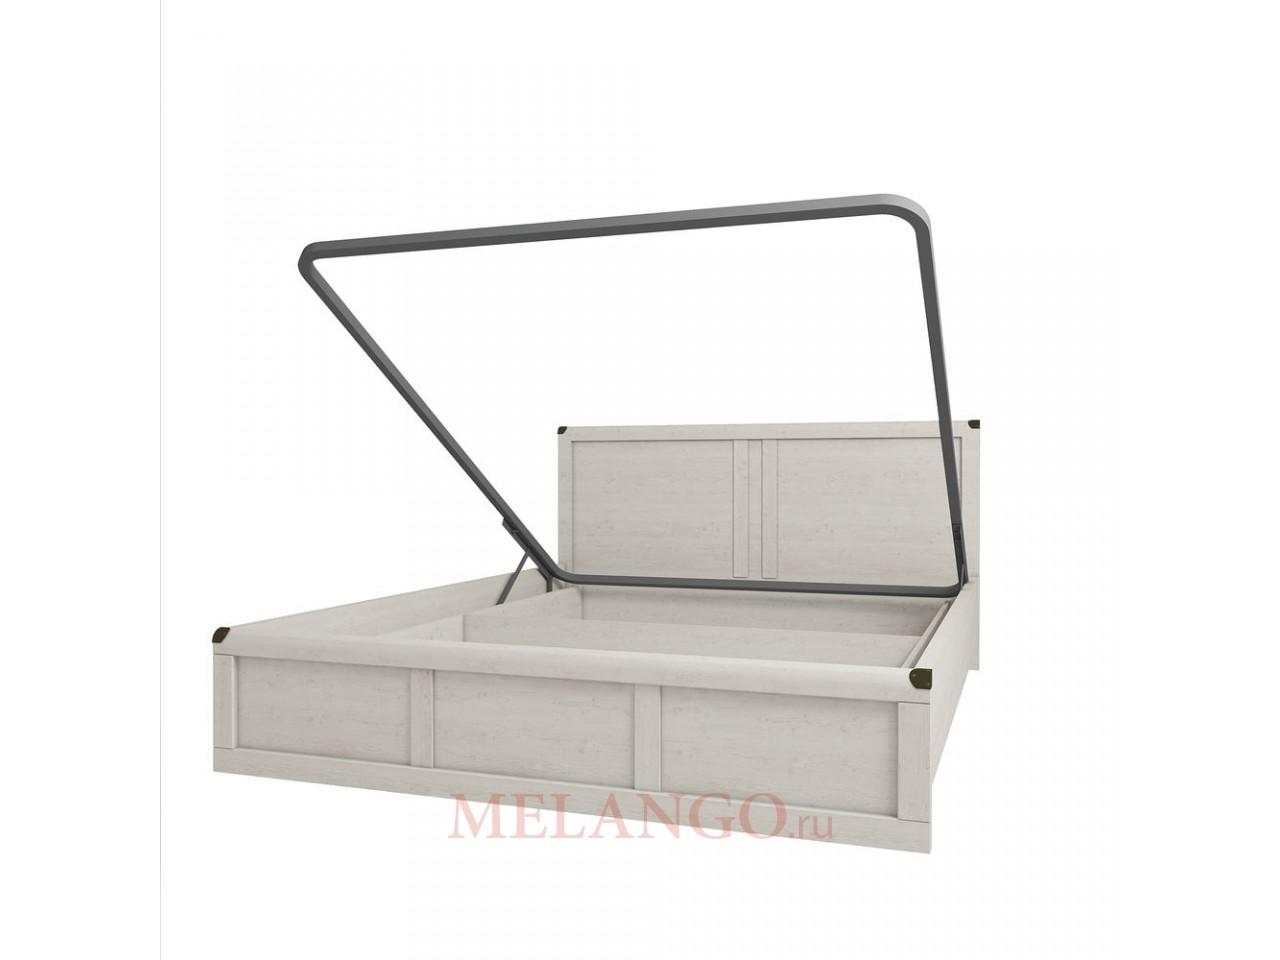 Двуспальная кровать Магеллан 160 сосна винтаж с подъемным механизмом